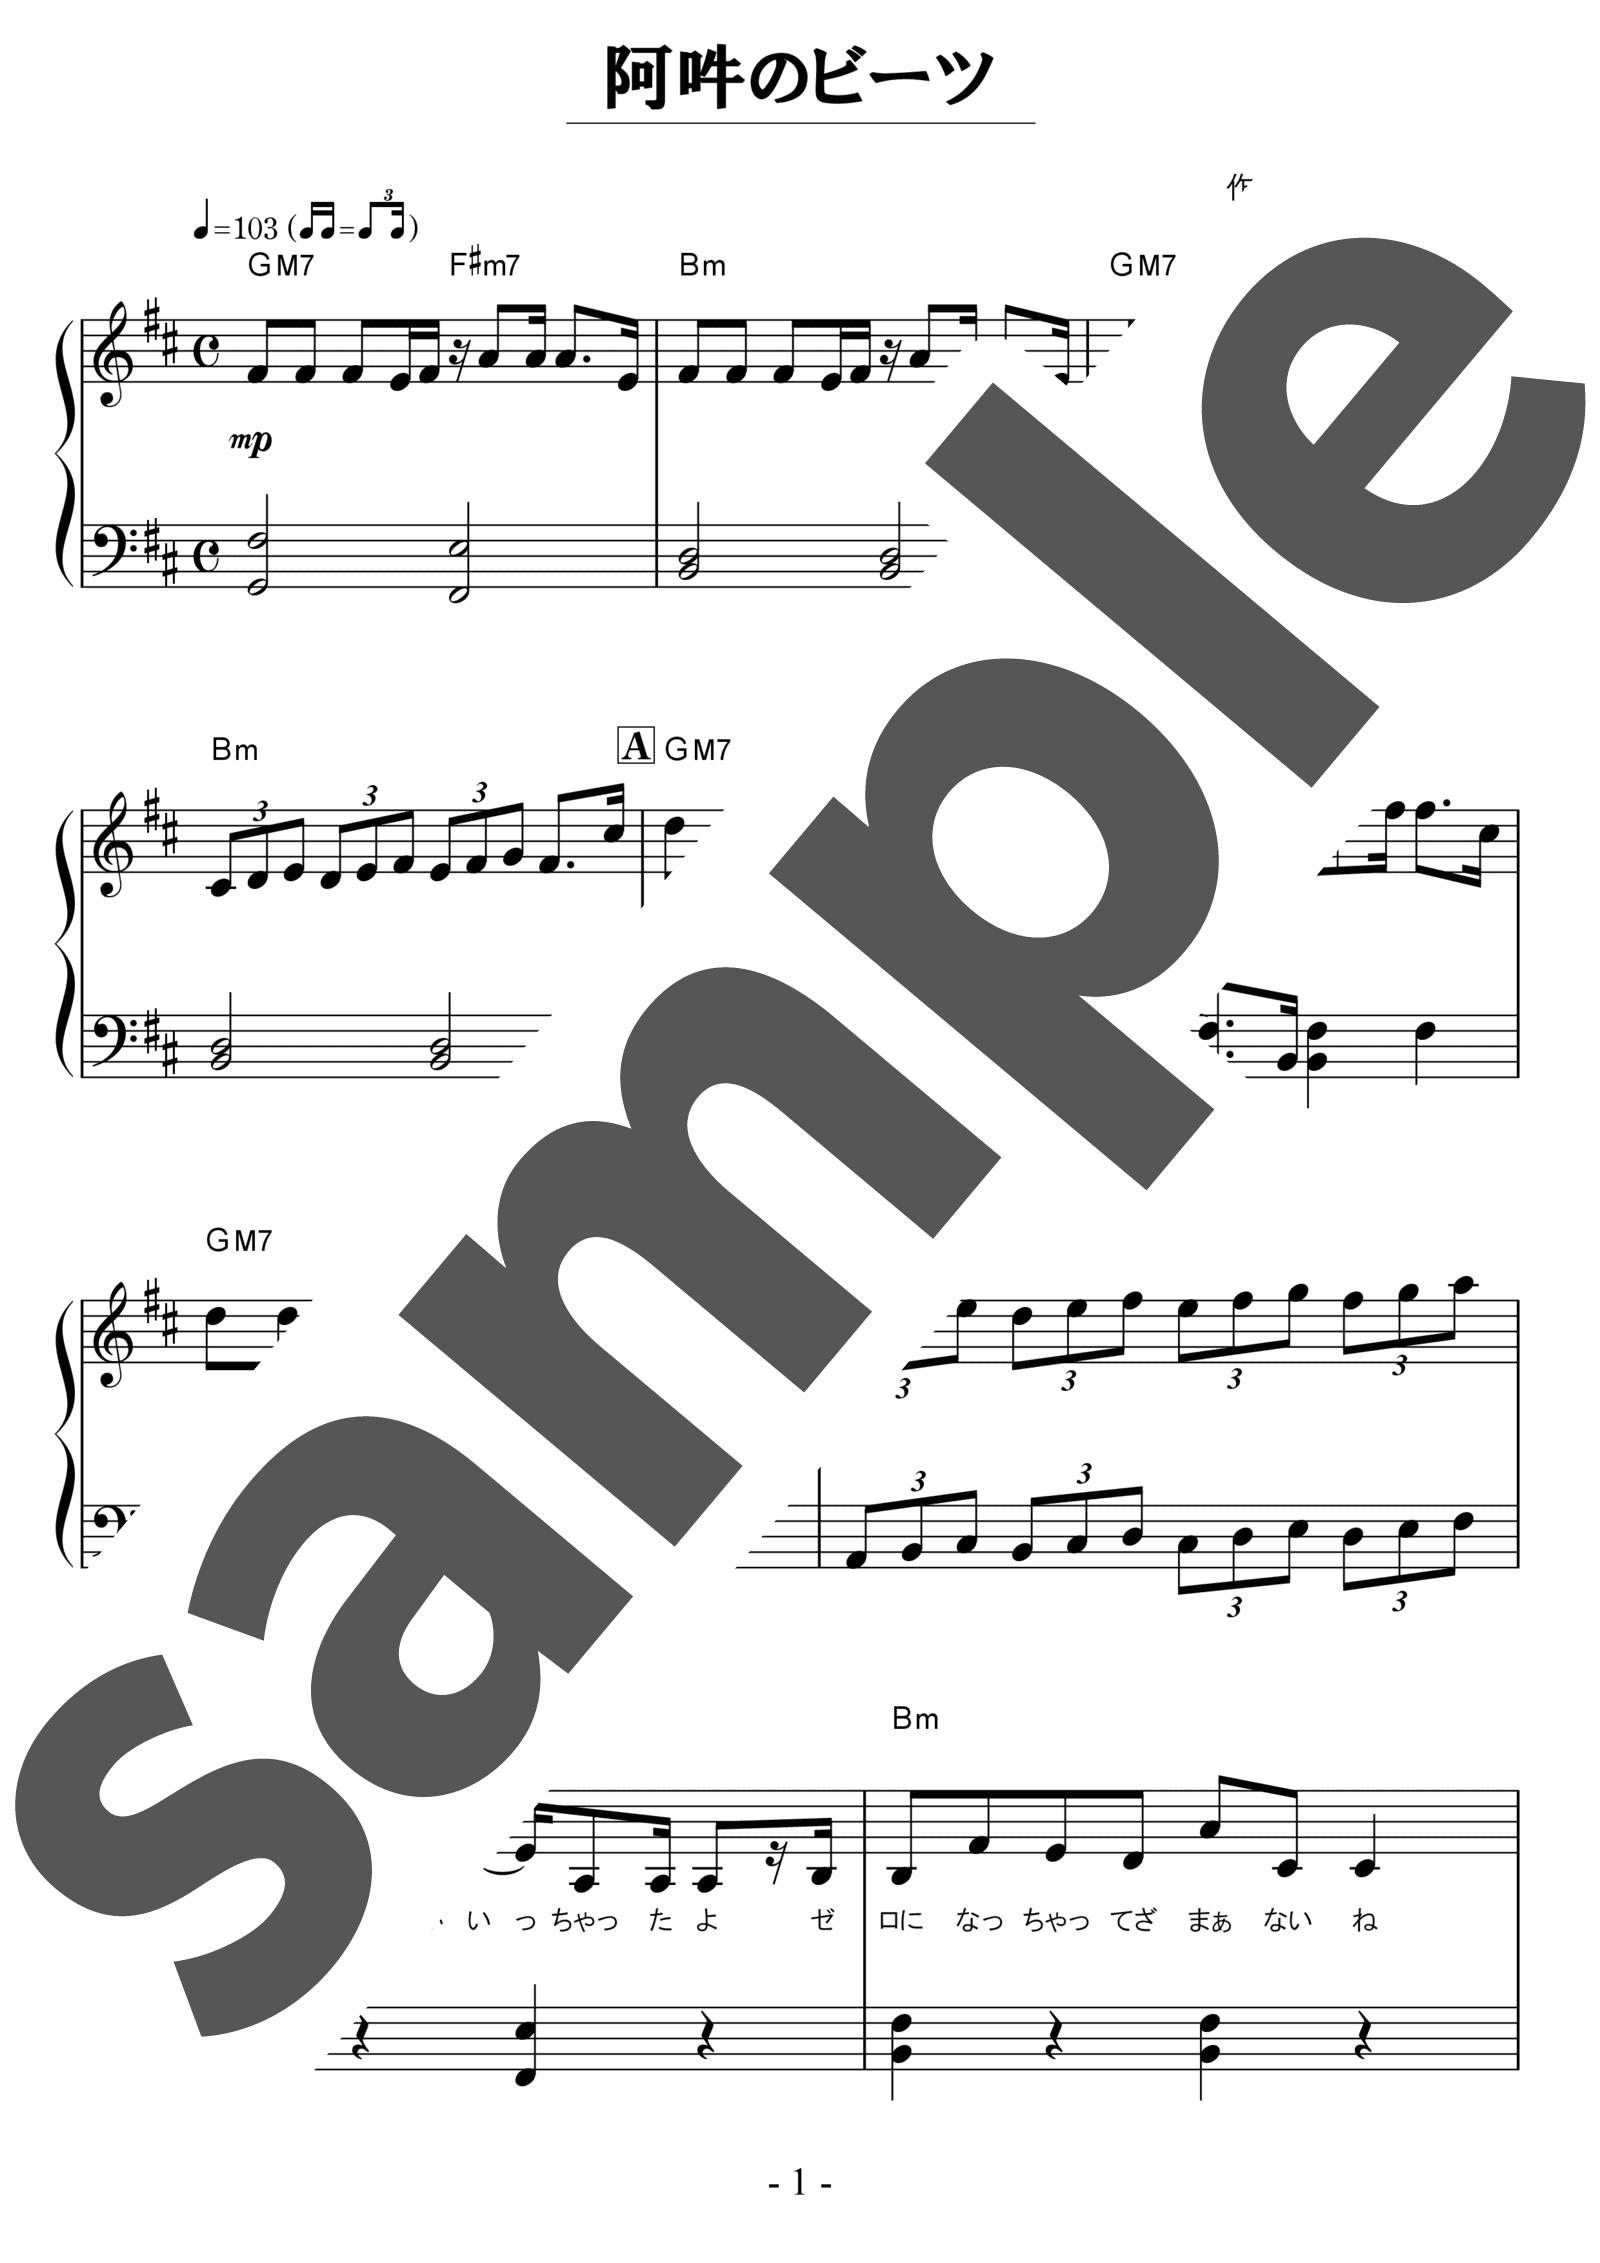 「阿吽のビーツ」のサンプル楽譜